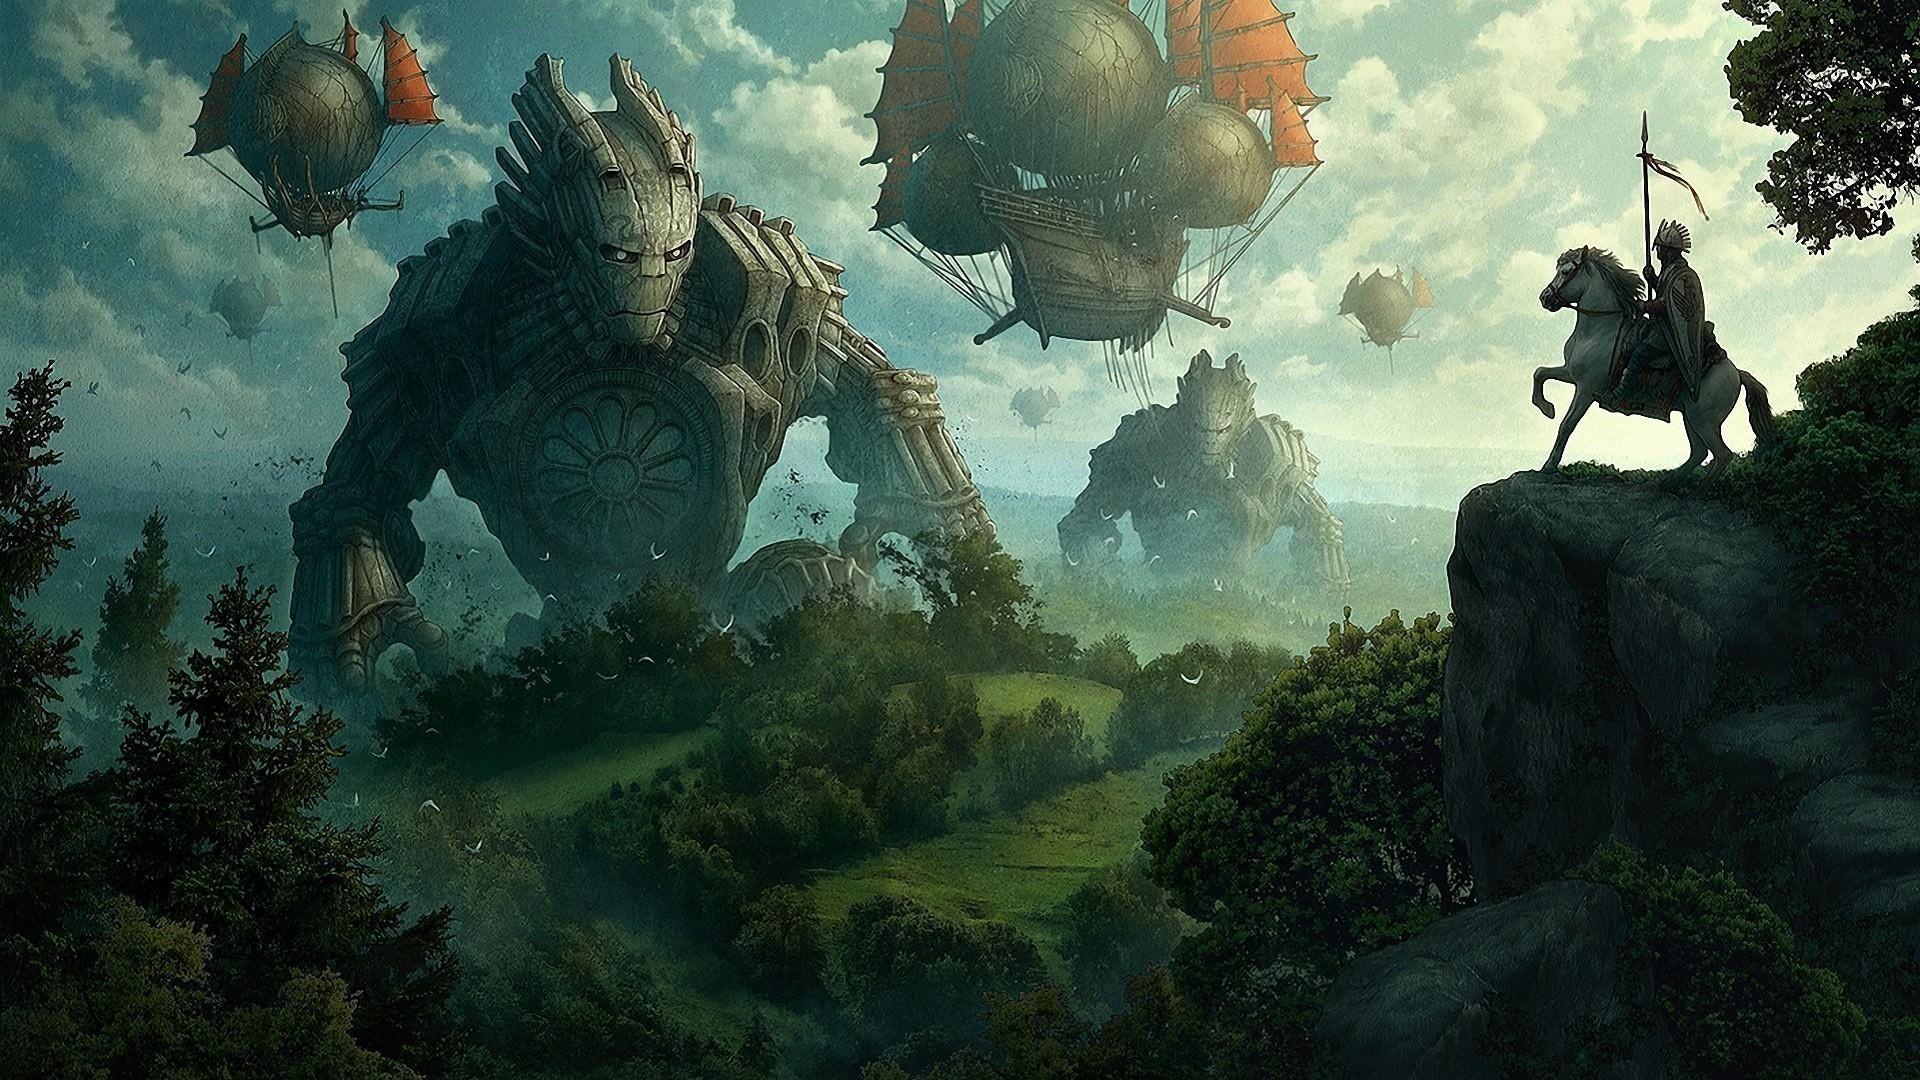 Collosus Mega Monsters Wallpaper